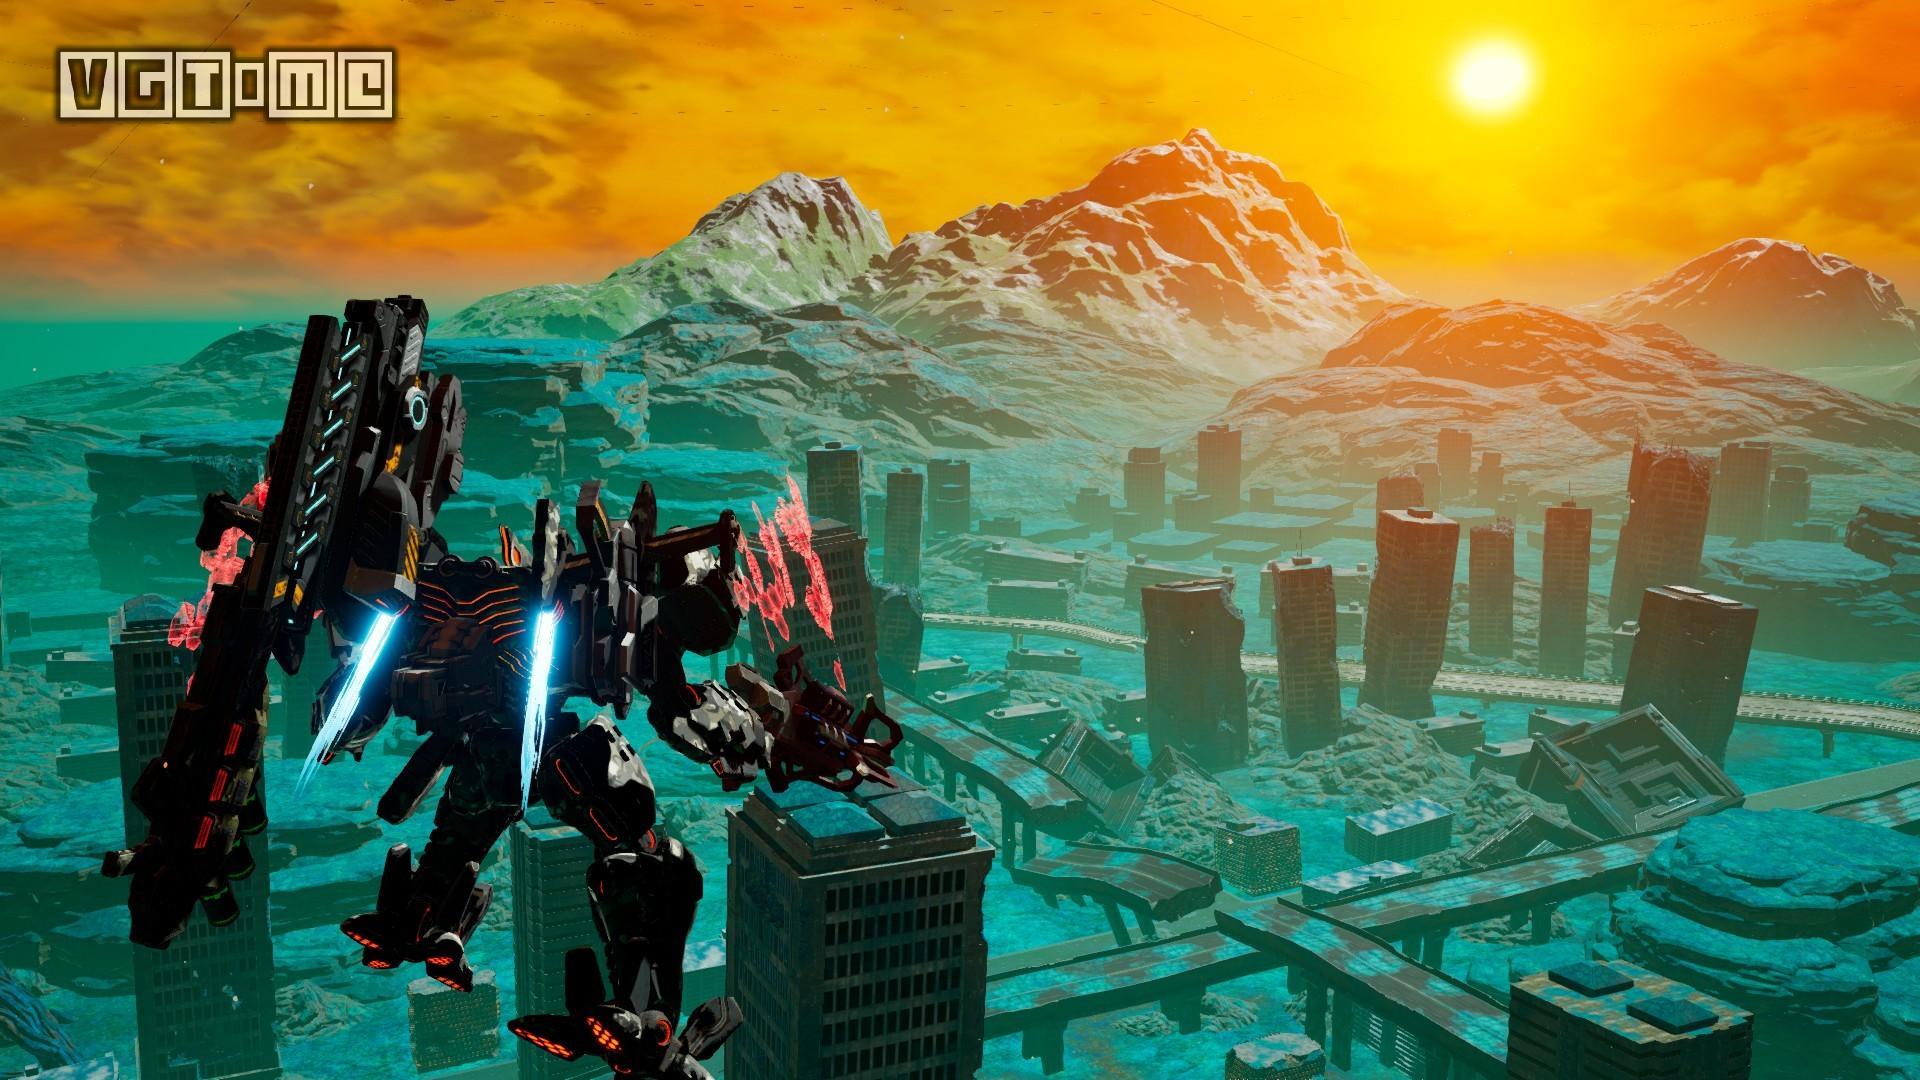 机甲对战游戏《机甲战魔》将于2月14日登陆PC